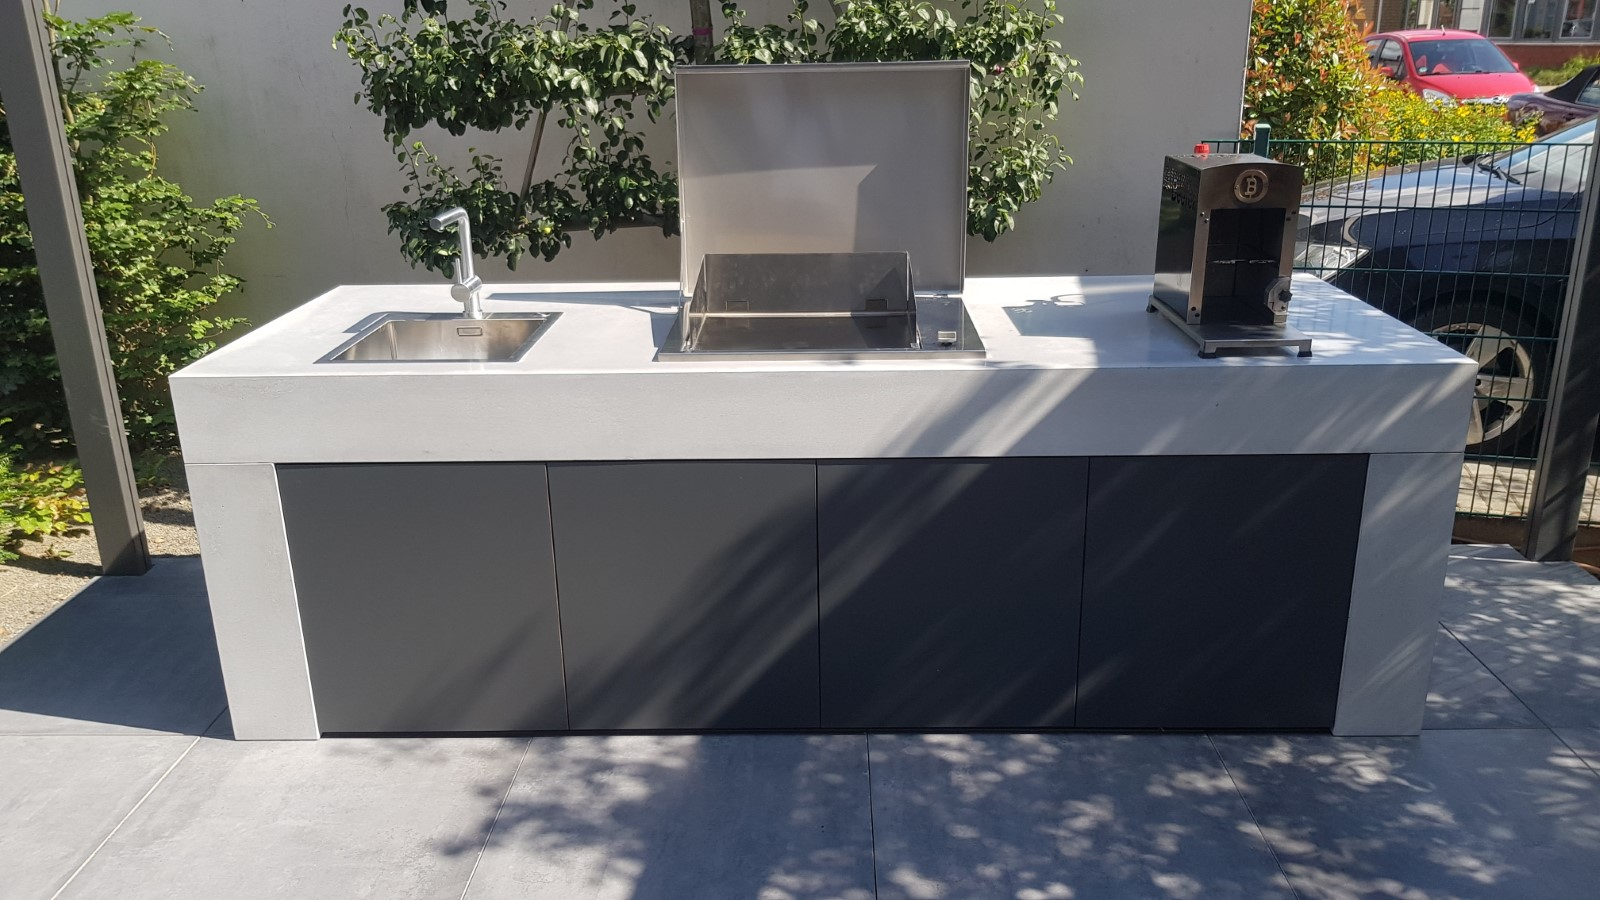 concrete-beton-outdoor-kueche-referenzen-002